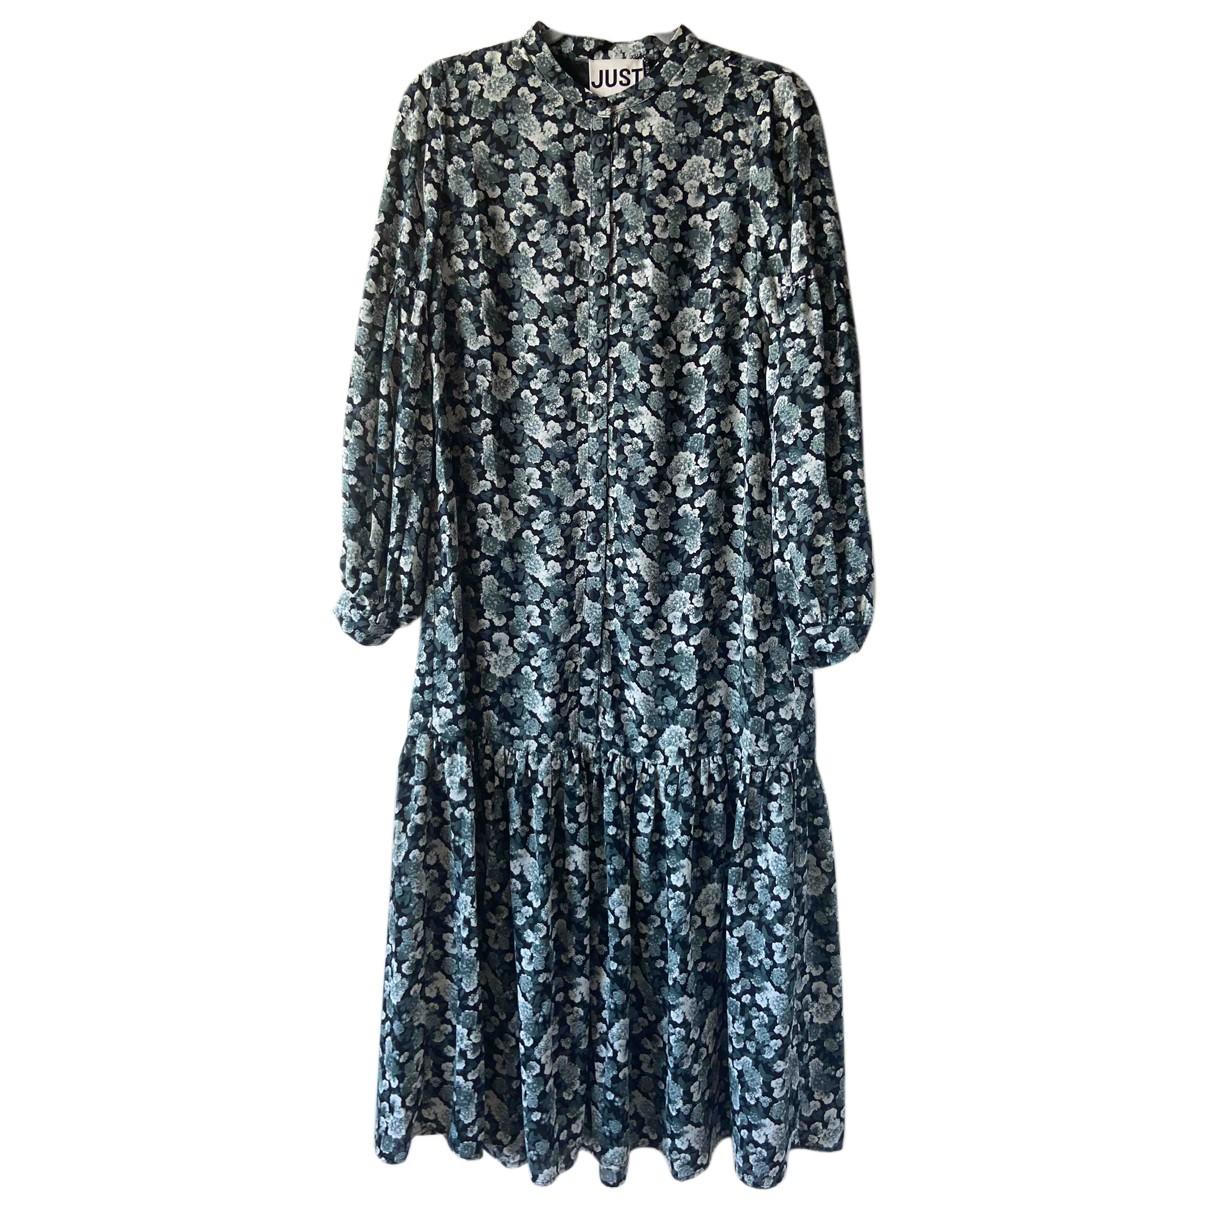 Just Female \N Kleid in  Blau Polyester